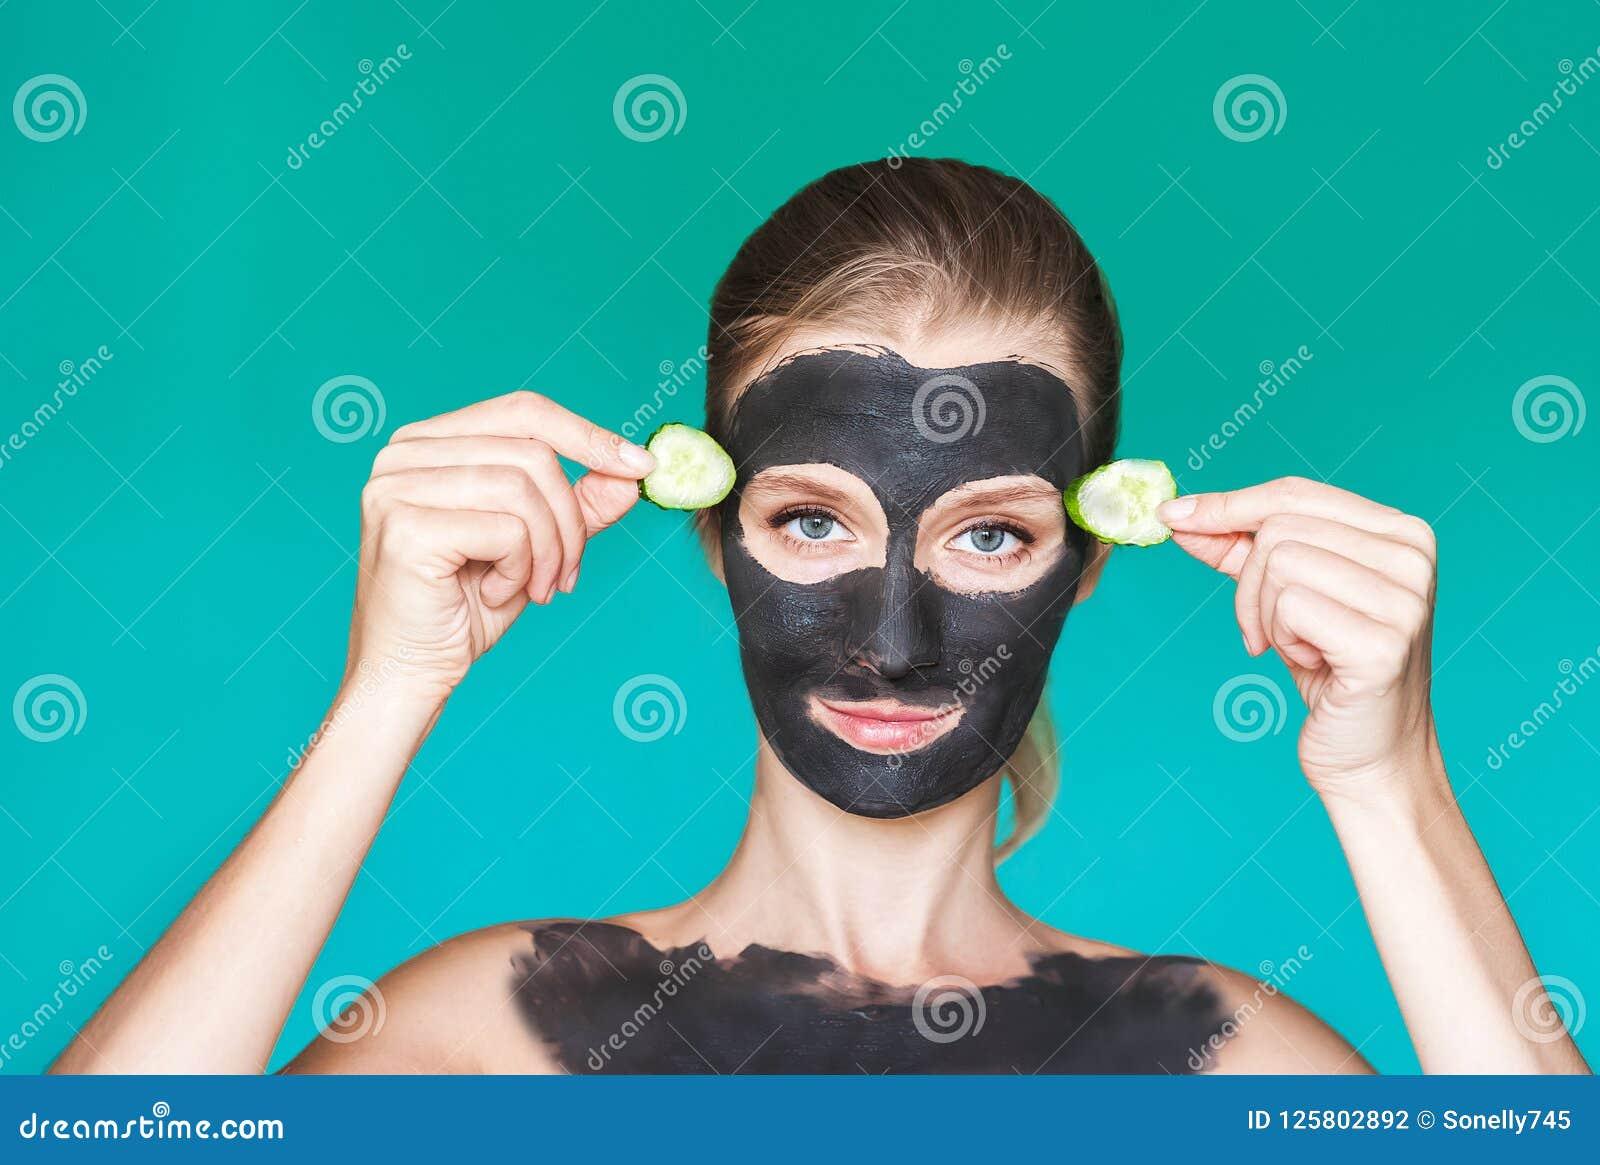 Schoonheidsbehandelingen Een jonge vrouw past een zwart masker, een room op haar gezicht met haar toe handen dichte omhooggaand,